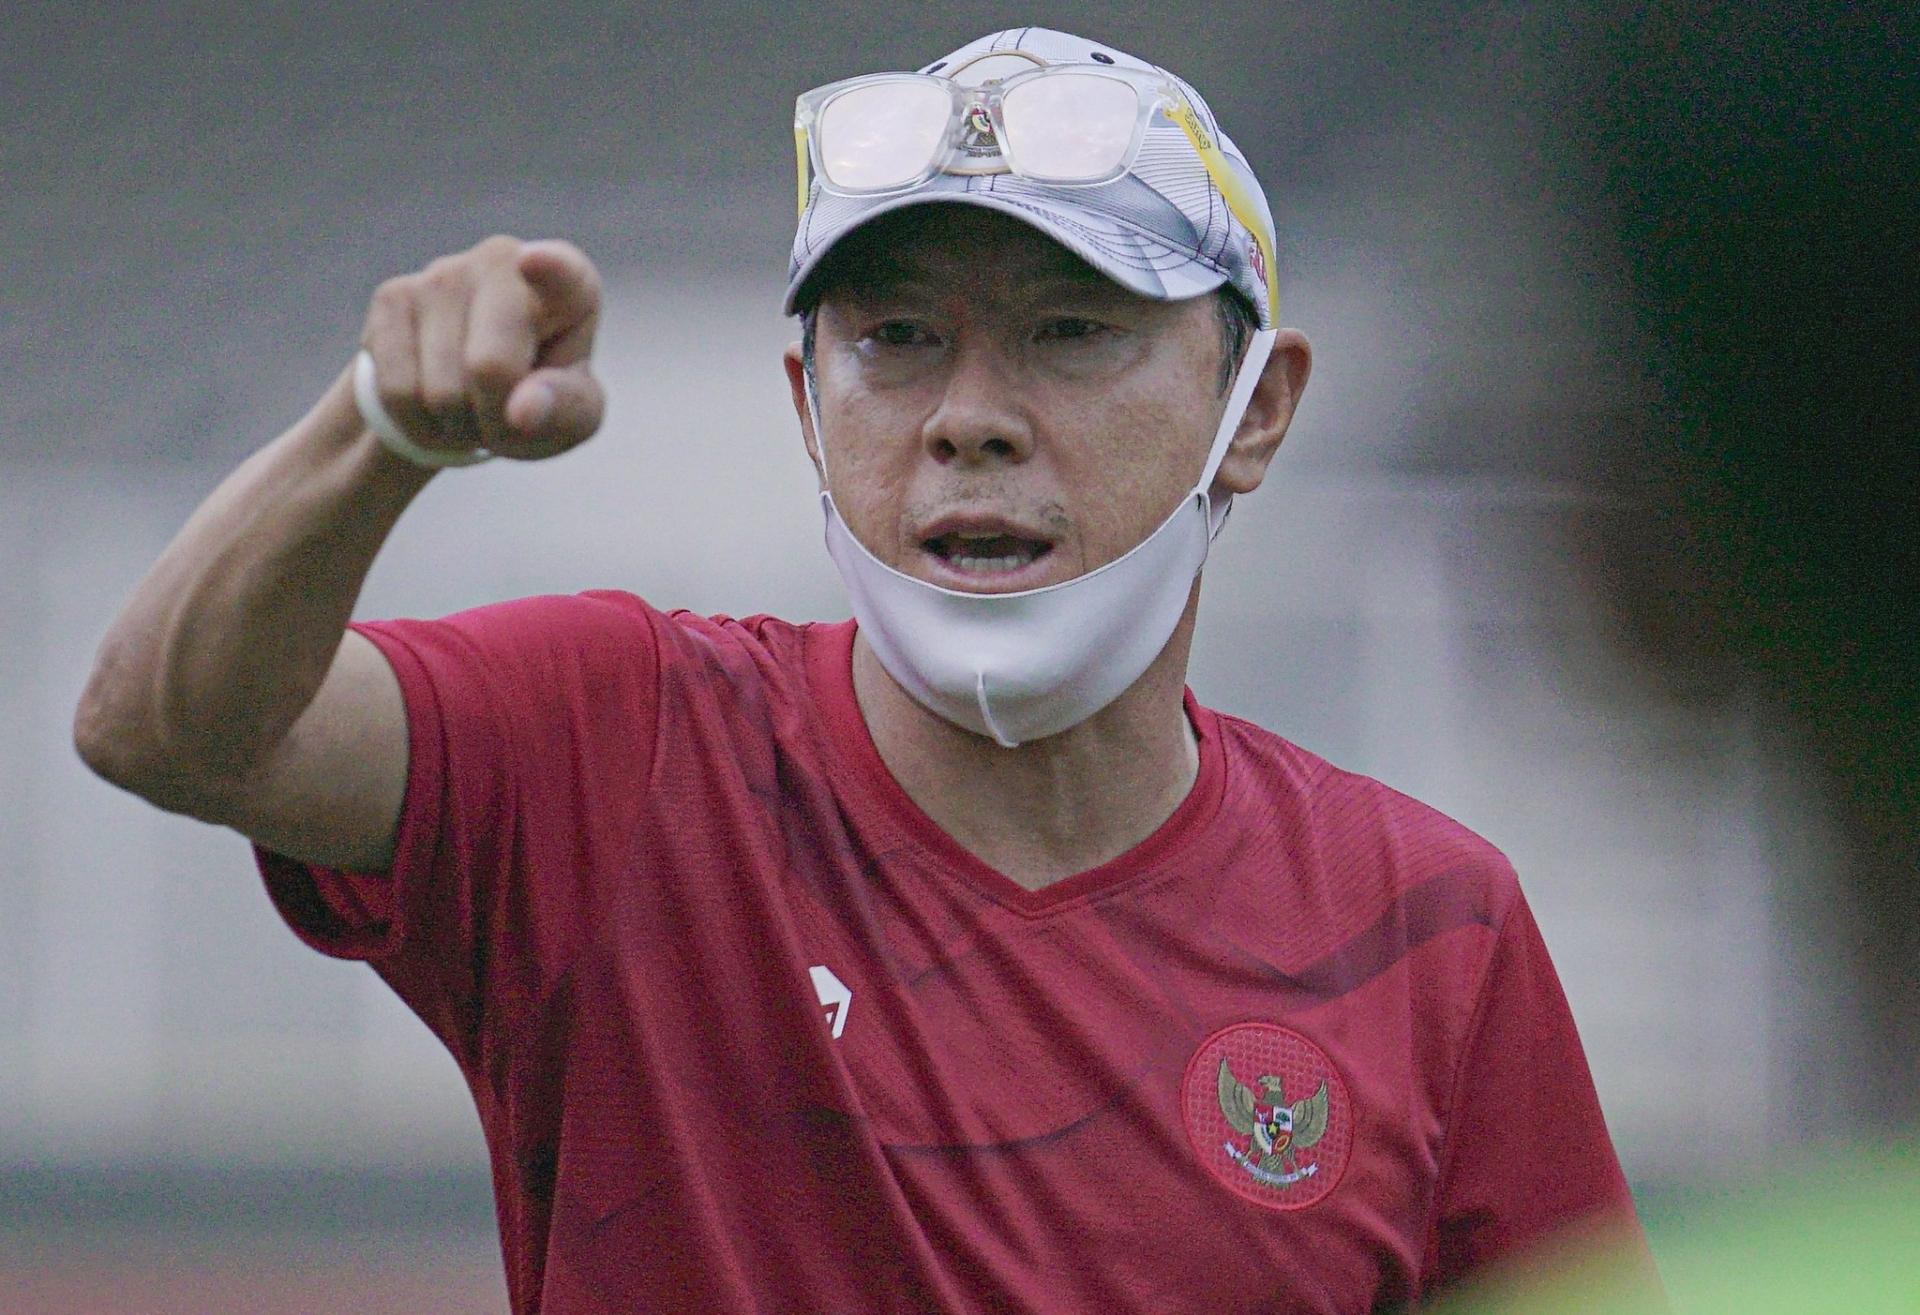 AFF Cup 2020: Chung bảng với ĐT Việt Nam, HLV Indonesia tuyên bố 'san bằng tất cả' 1